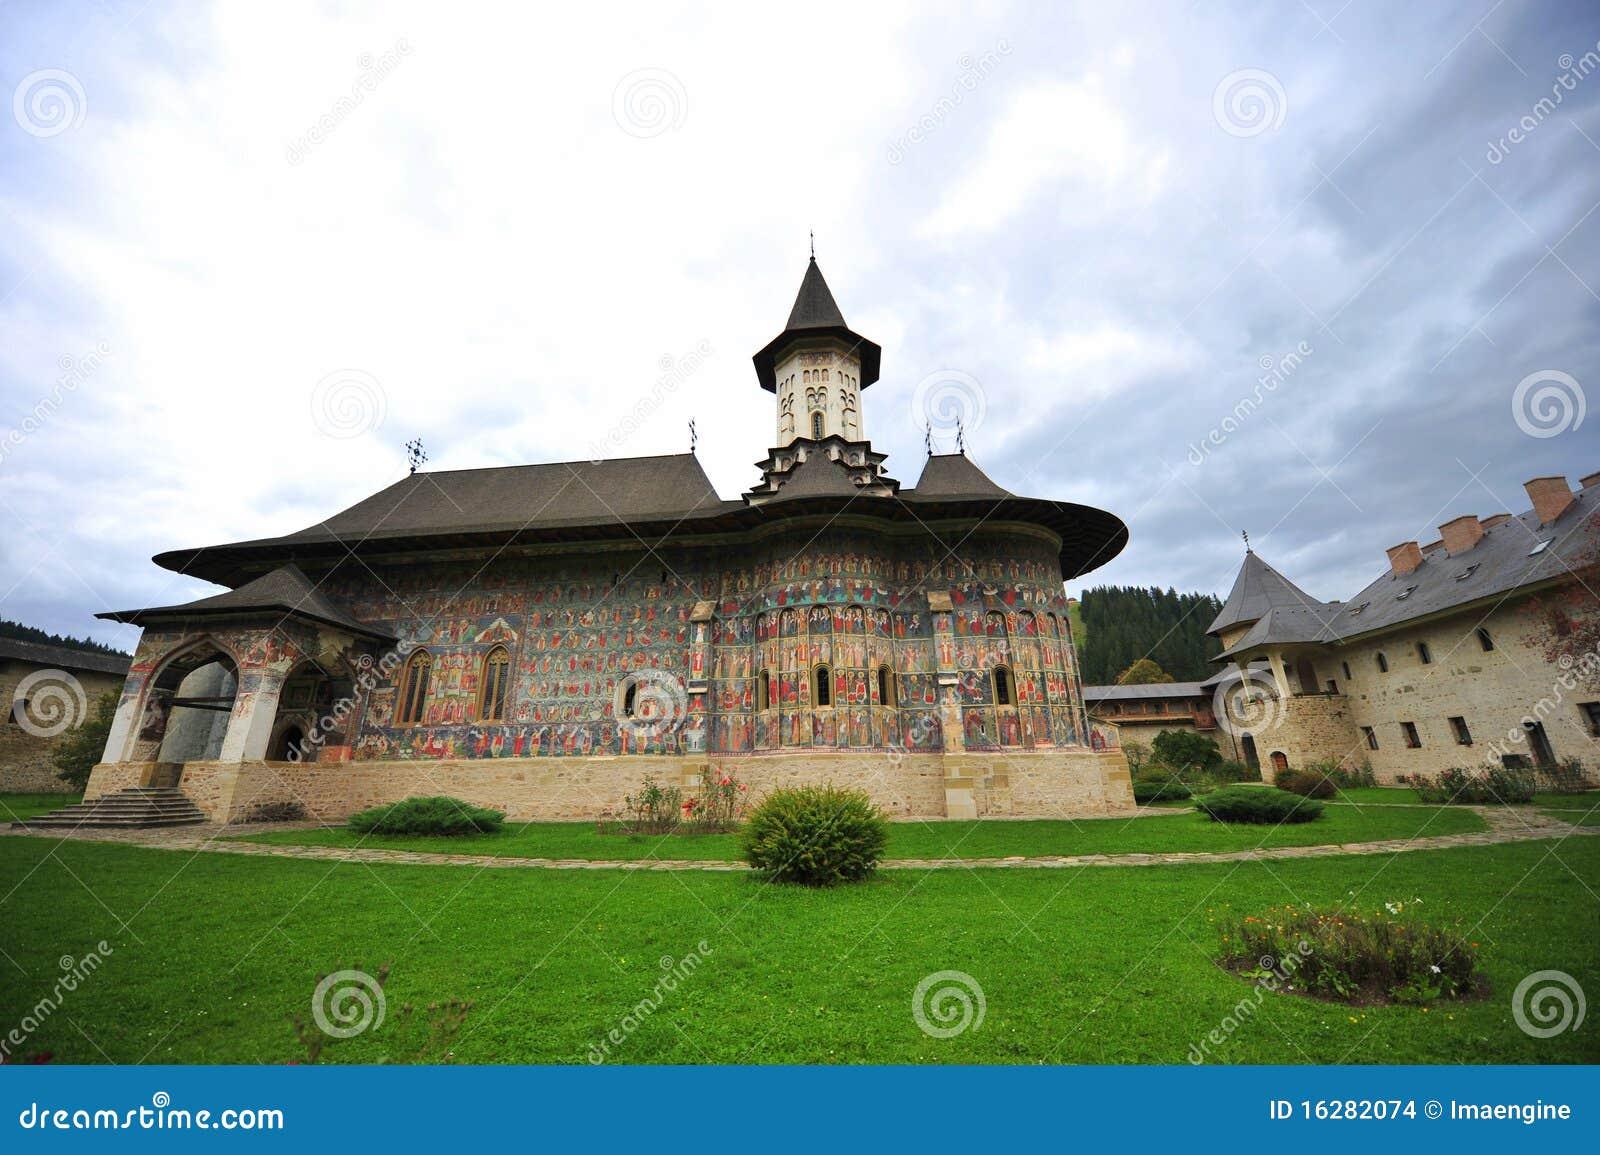 Herencia de la UNESCO - monasterios de Moldavia: Sucevita